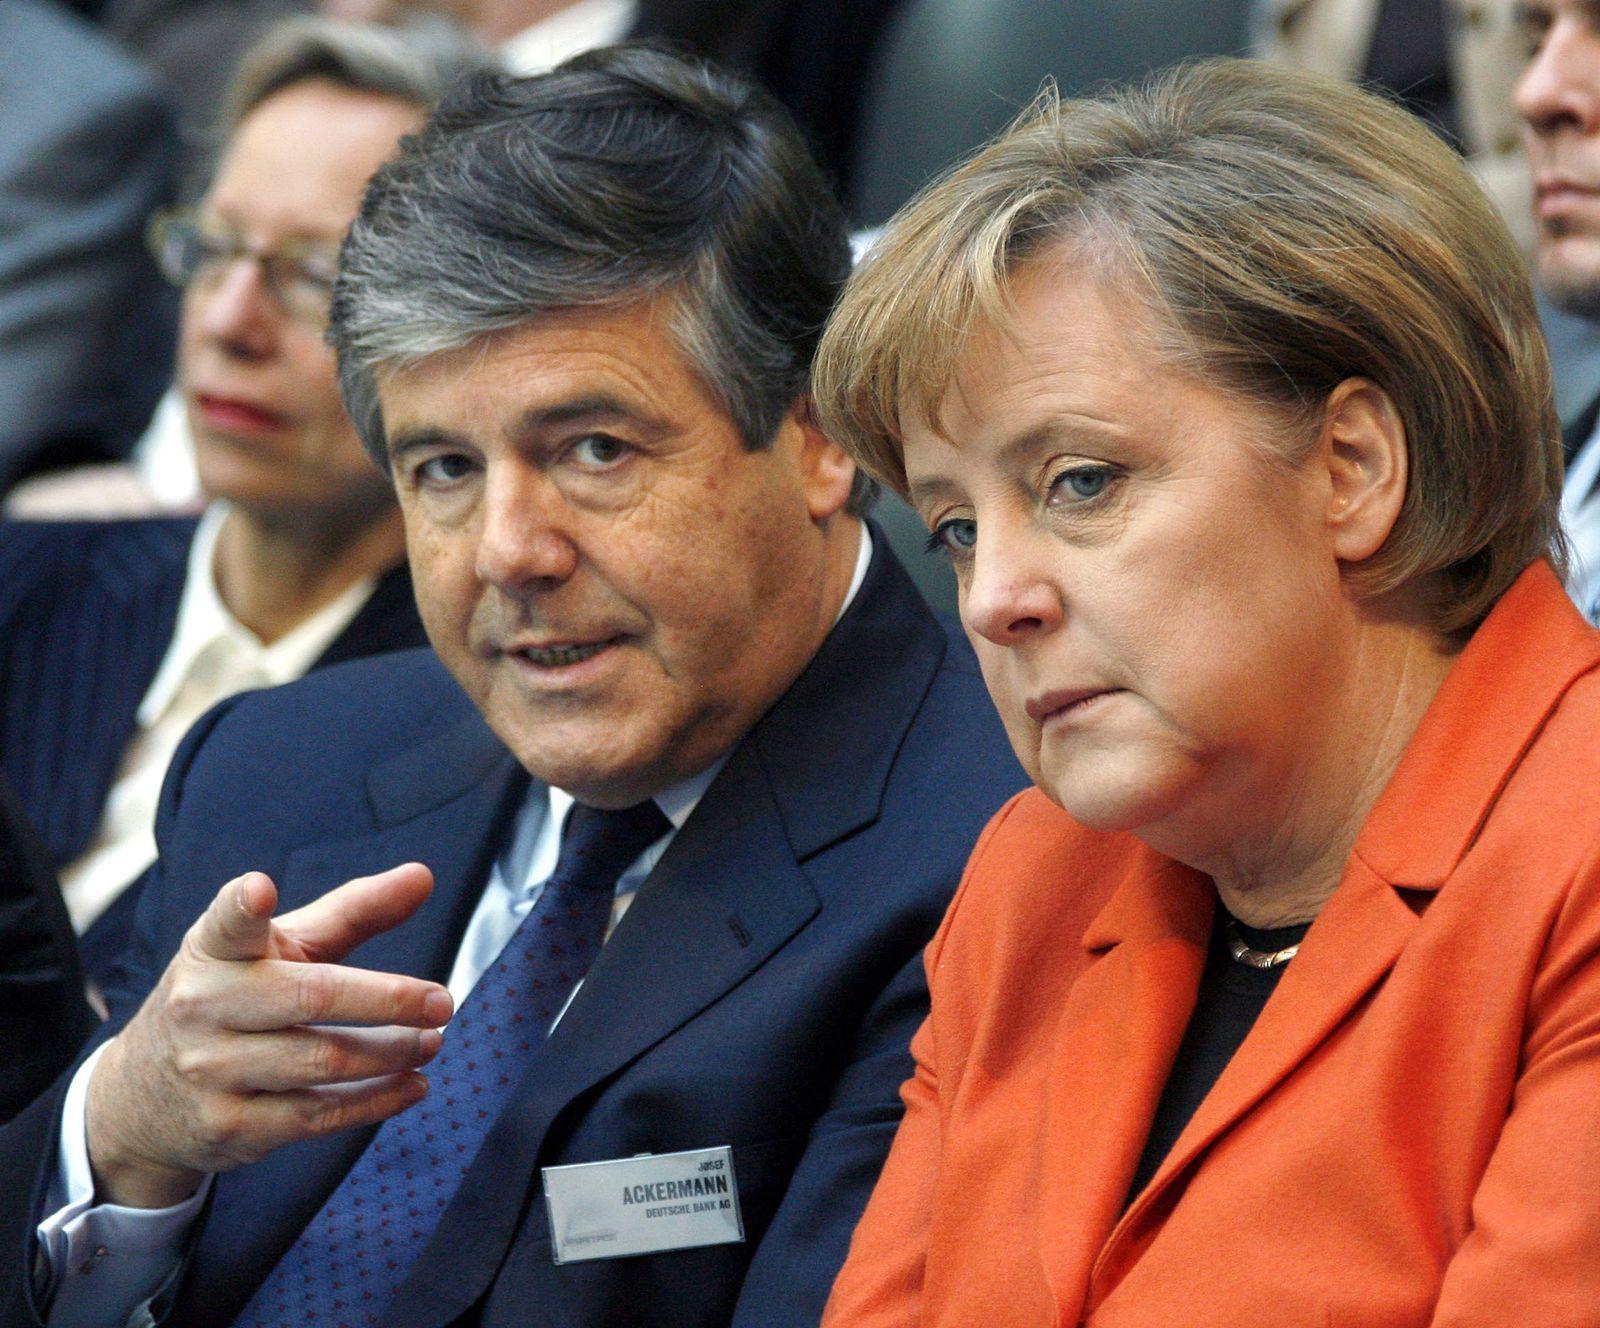 Achermann und Merkel